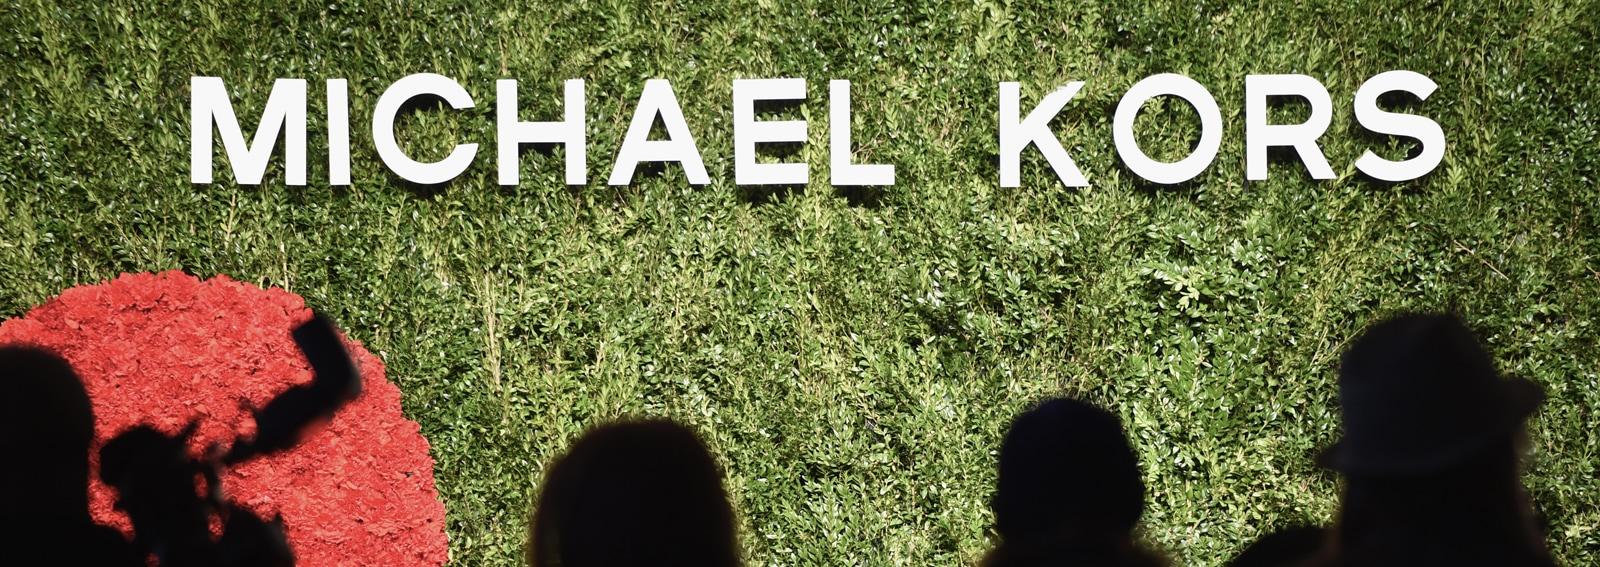 cover-michael-kors-party-desktop